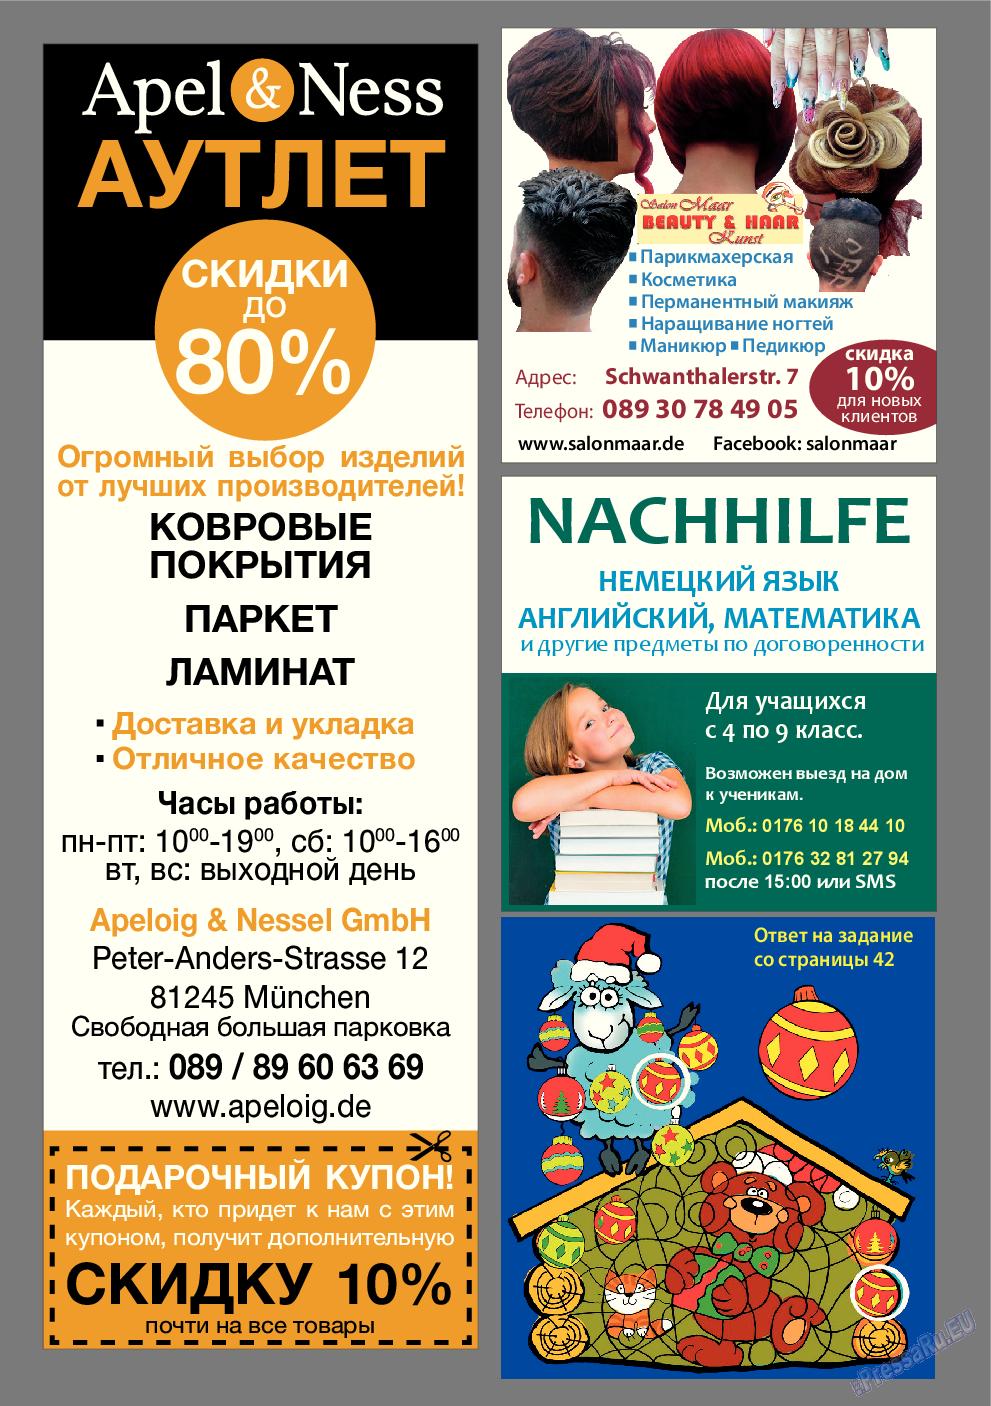 Апельсин (журнал). 2014 год, номер 65, стр. 55